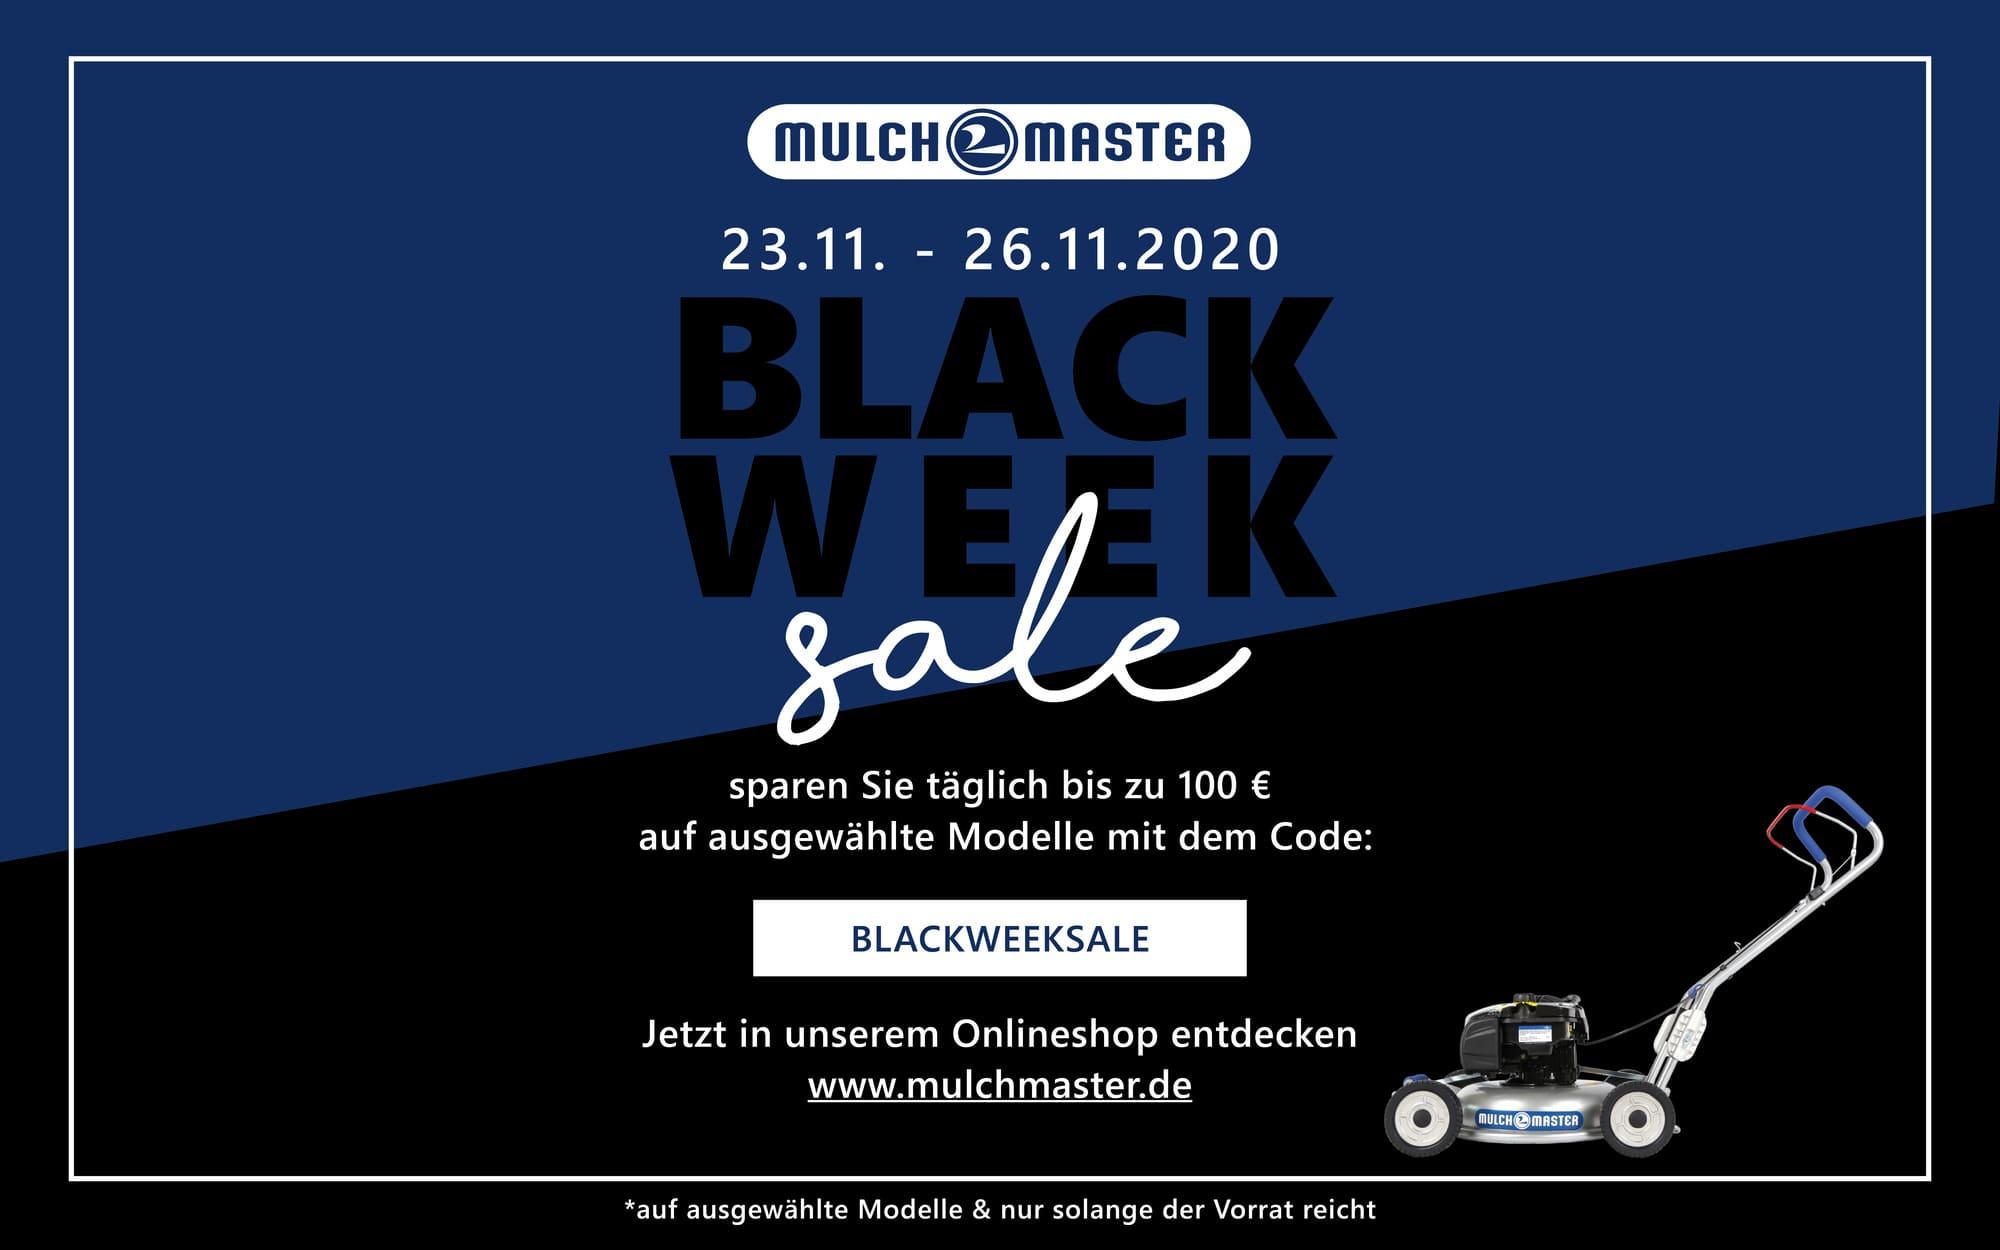 Black Week Angebote bei mulchmaster.de